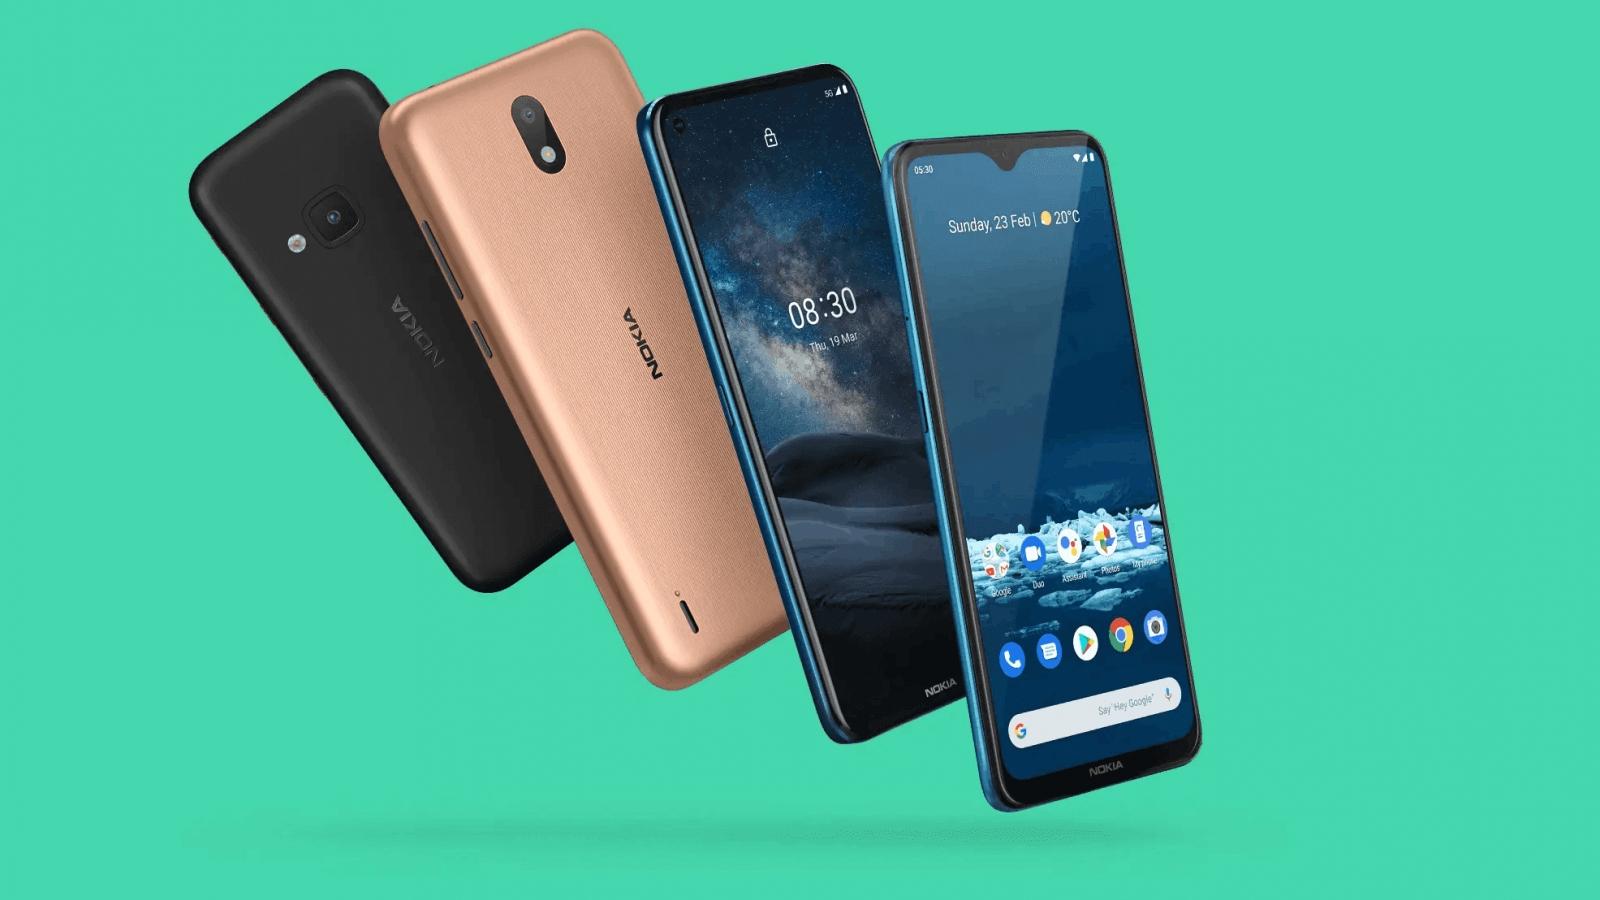 Điện thoại Nokia trở thành thiết bị đáng tin cậy nhất?